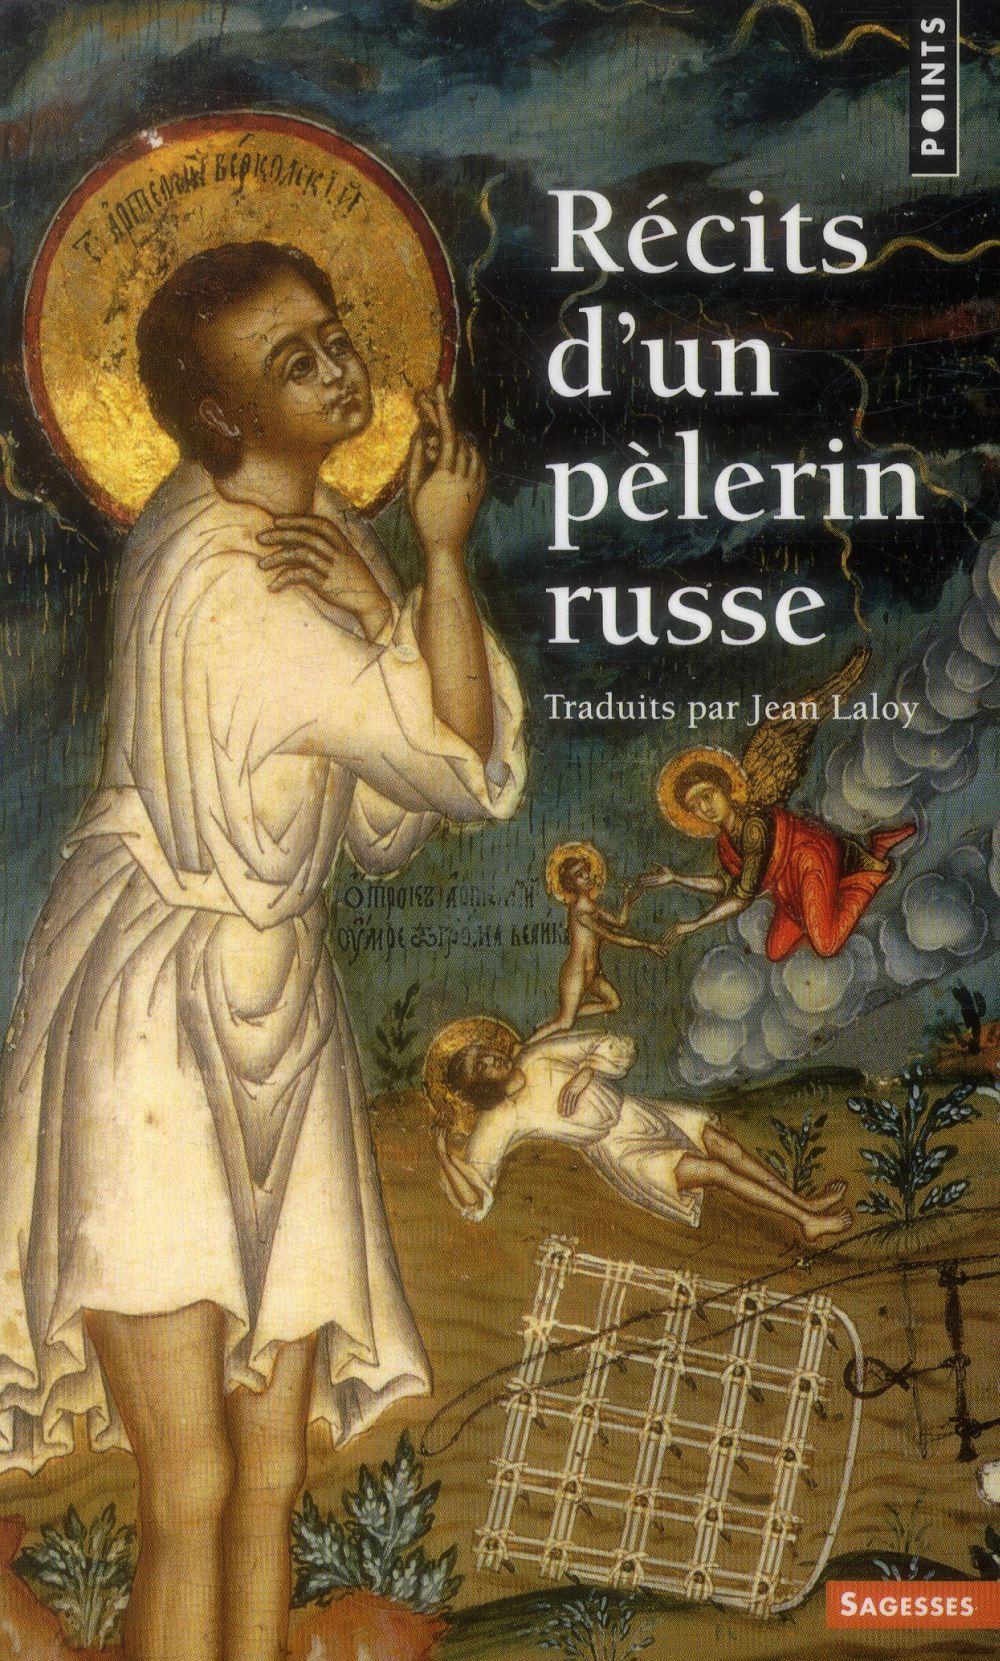 RECITS D'UN PELERIN RUSSE